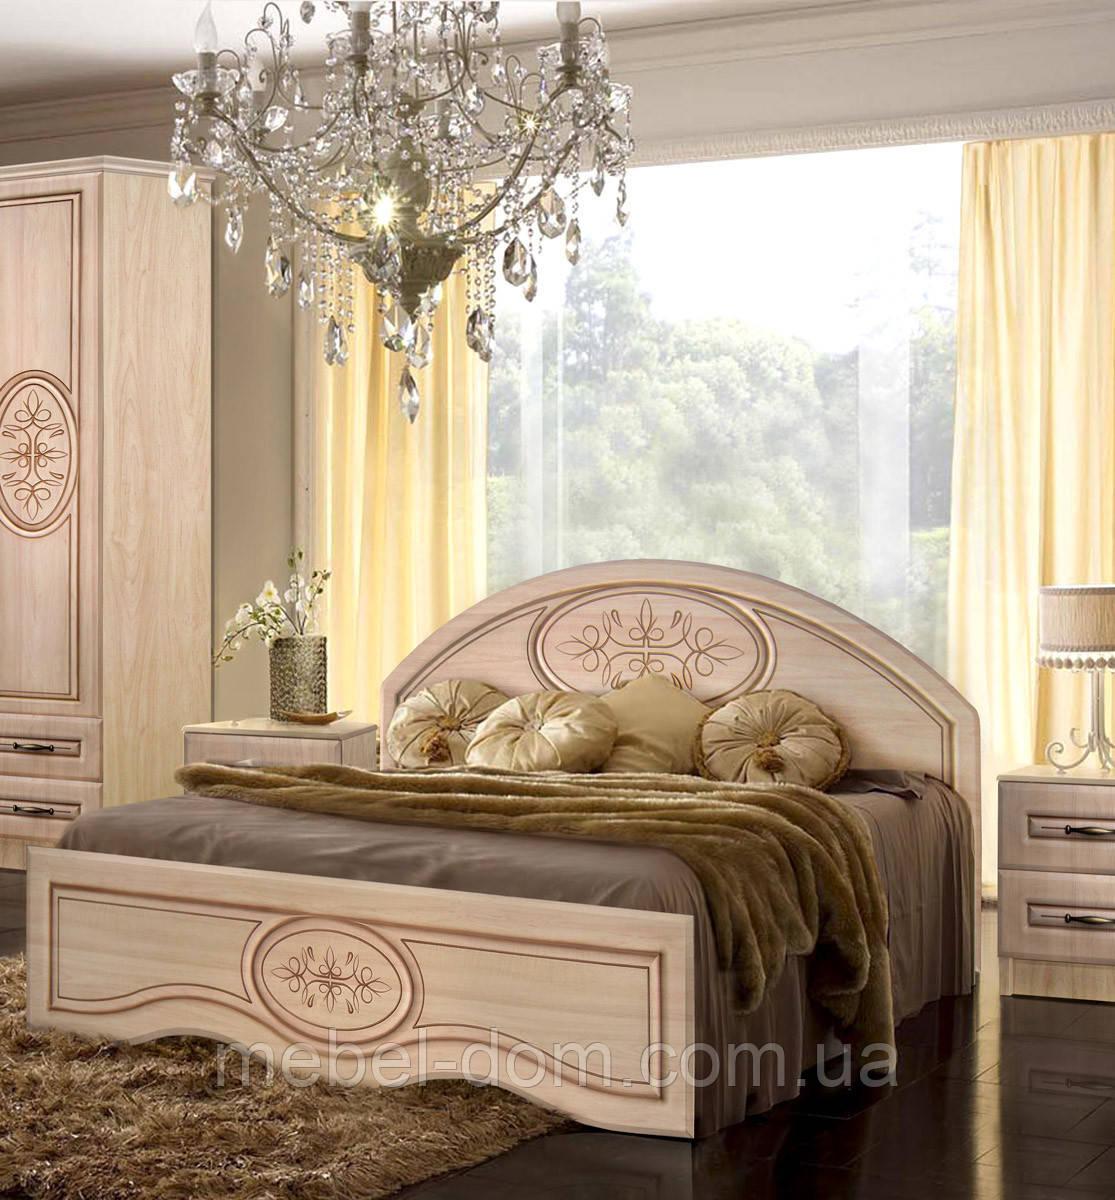 Кровать двуспальная Василиса без каркаса 1800/370 с низким изножьем